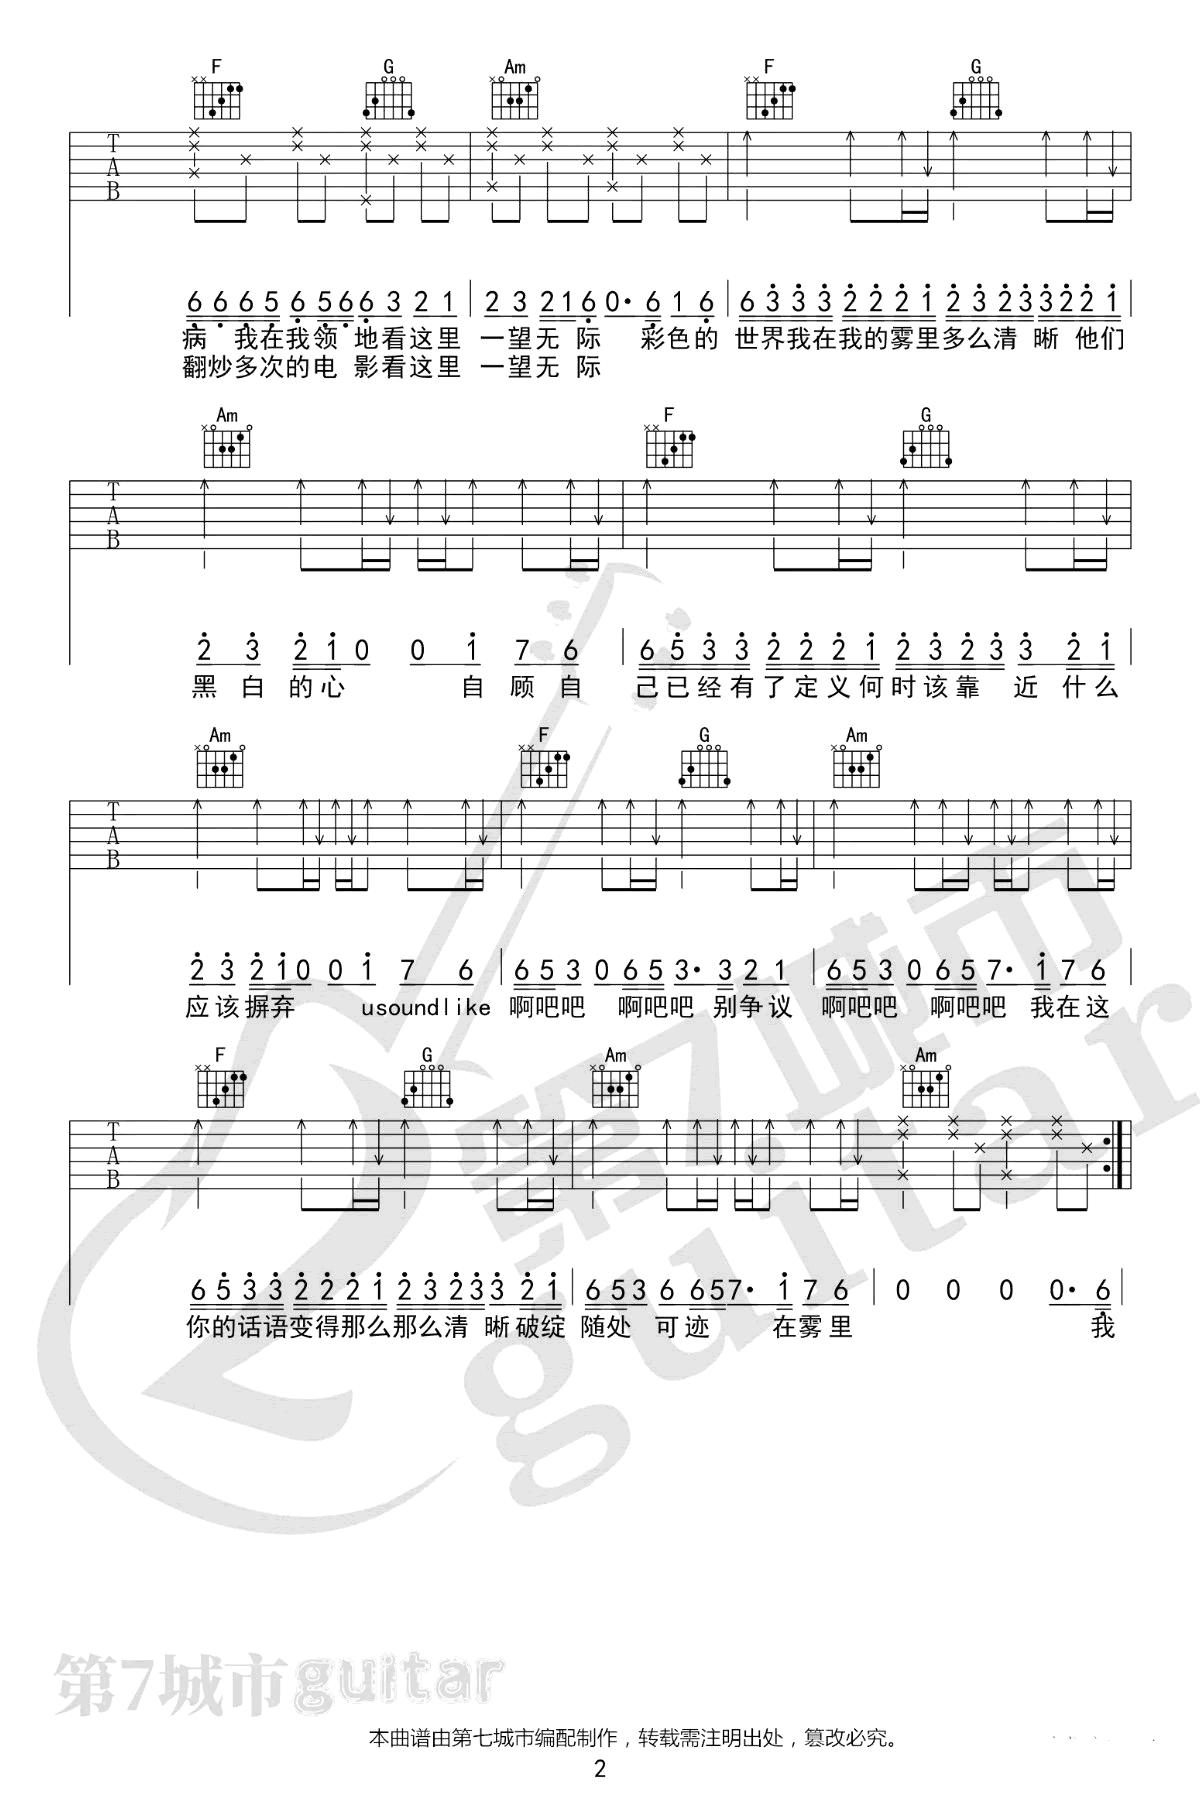 姚六一《雾里》吉他谱-2